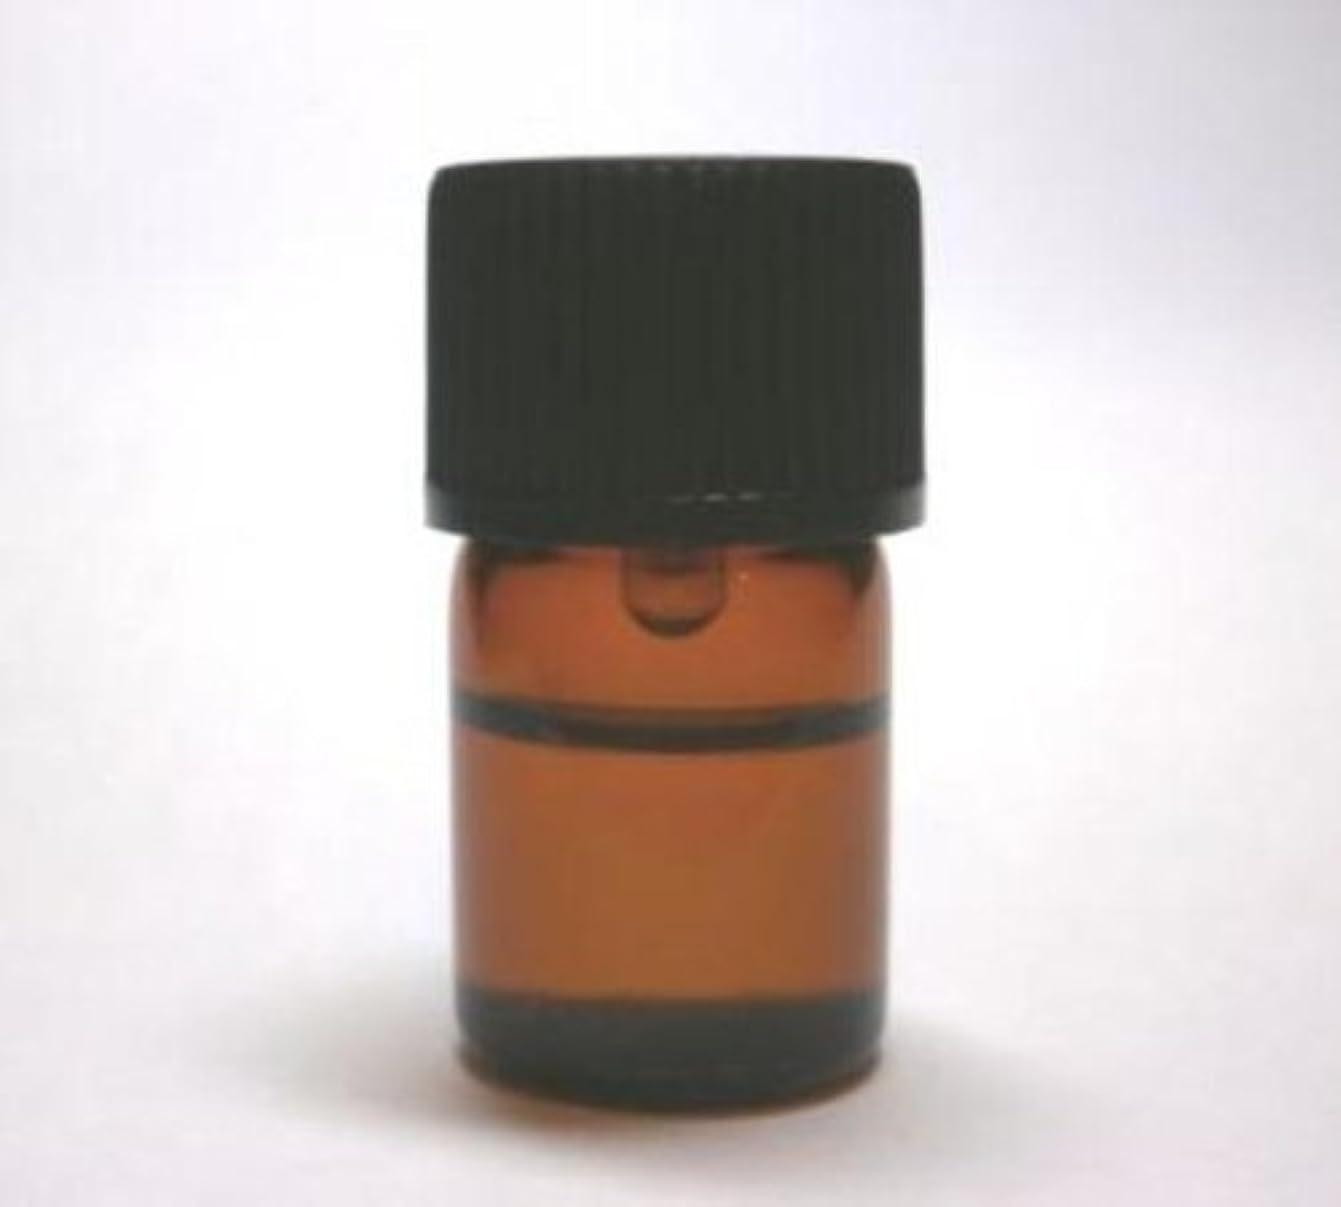 ホイップリネン五月ローズオットー100%:3ml/ローズエッセンシャルオイル/ローズ精油/ローズオイル